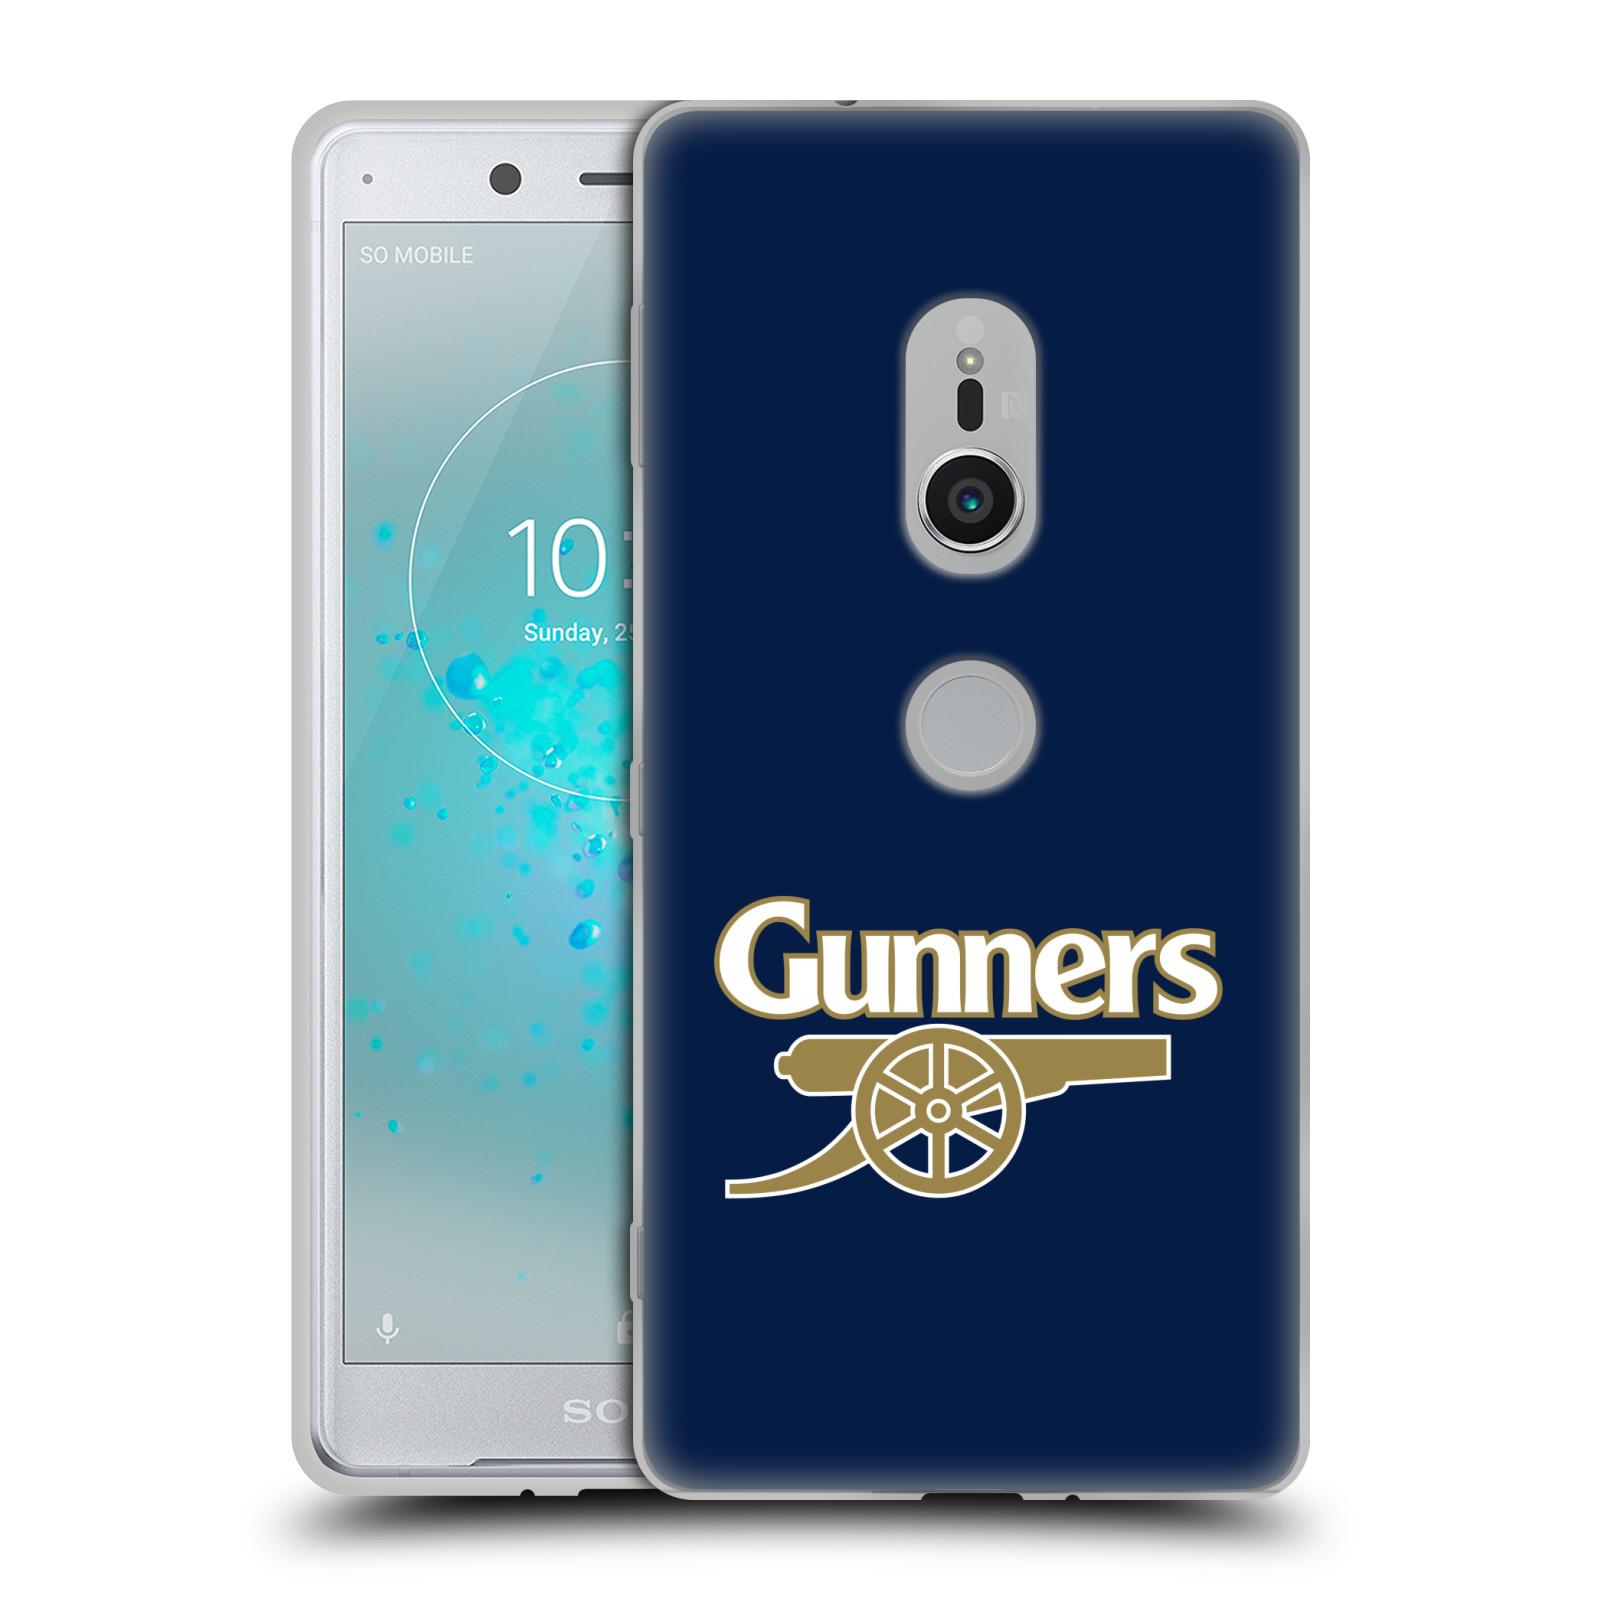 Silikonové pouzdro na mobil Sony Xperia XZ2 - Head Case - Arsenal FC - Gunners